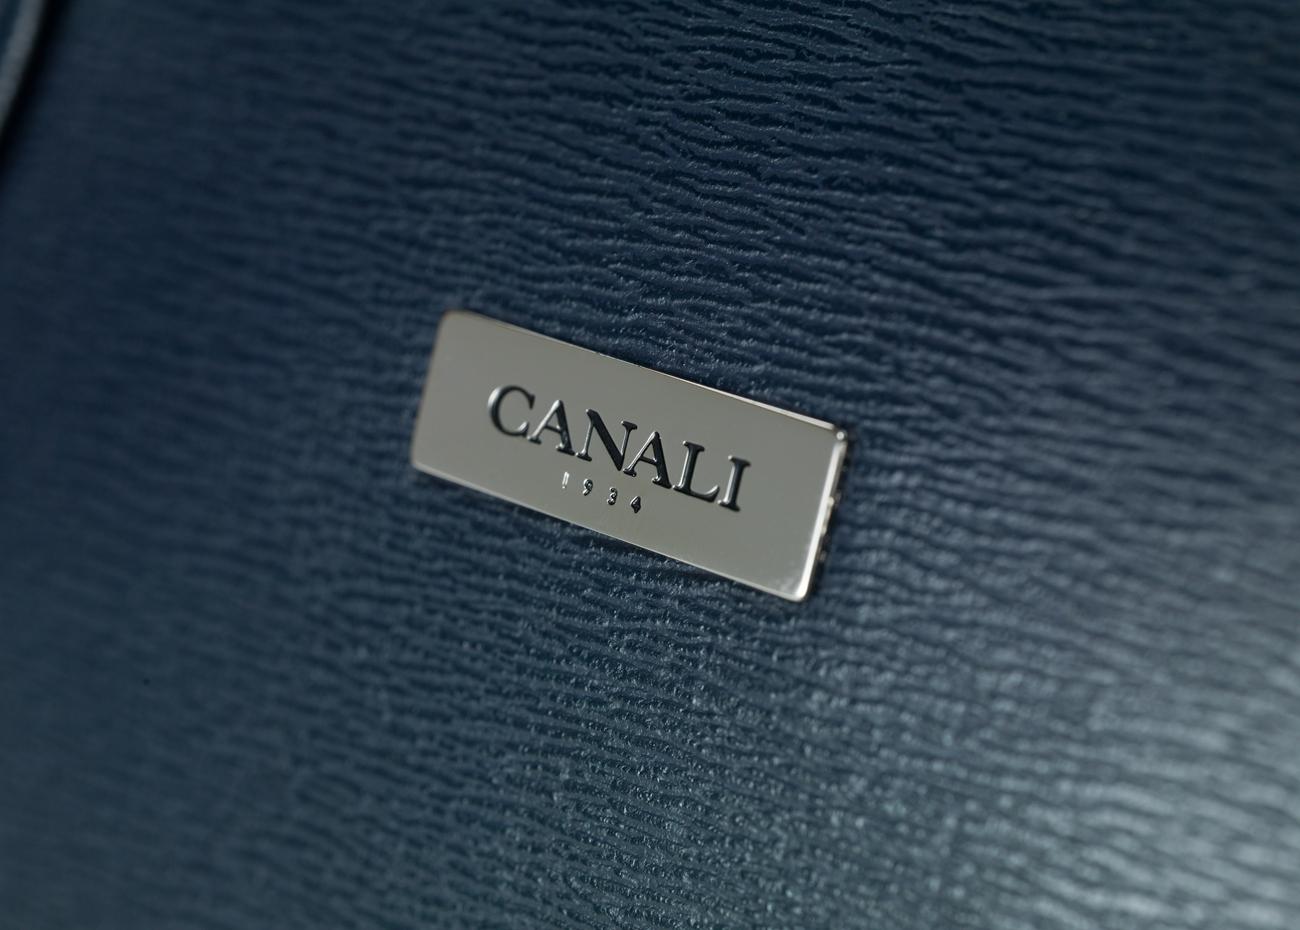 CANALI Wall Street